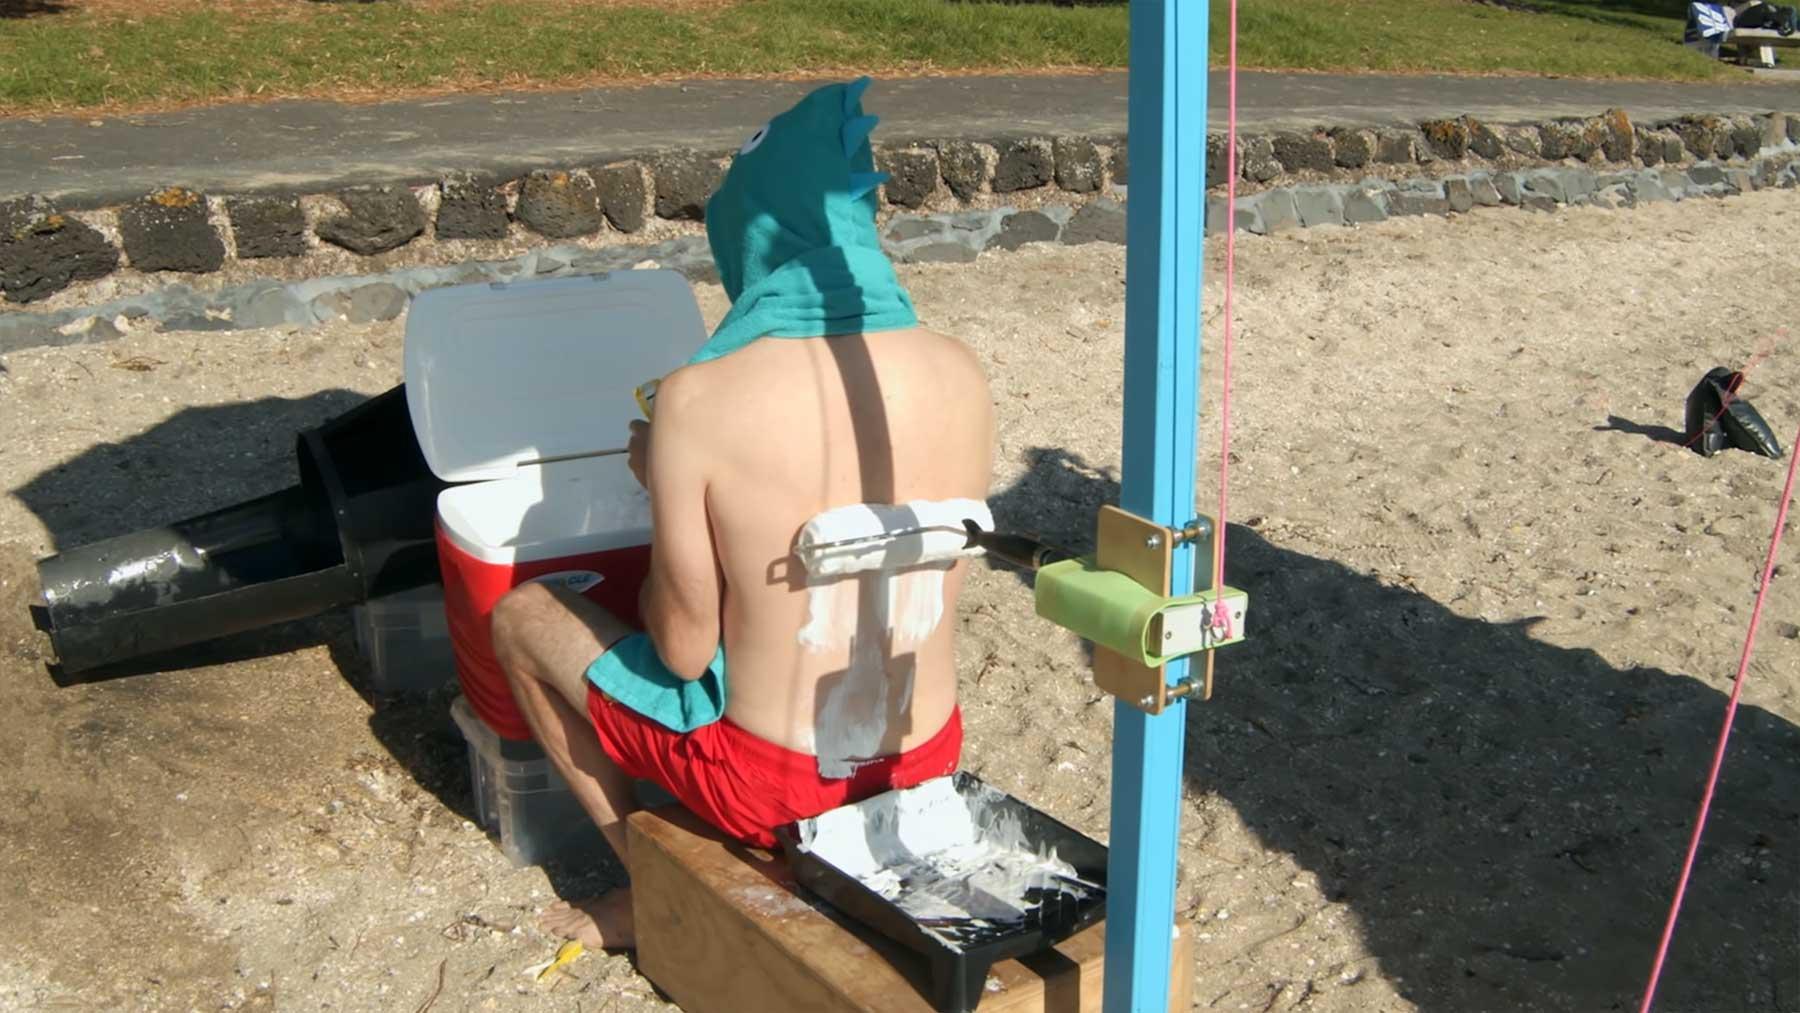 Joseph's Machines zum Auftragen von Sonnencreme auf dem Rücken auftragen-sonnencreme-am-ruecken